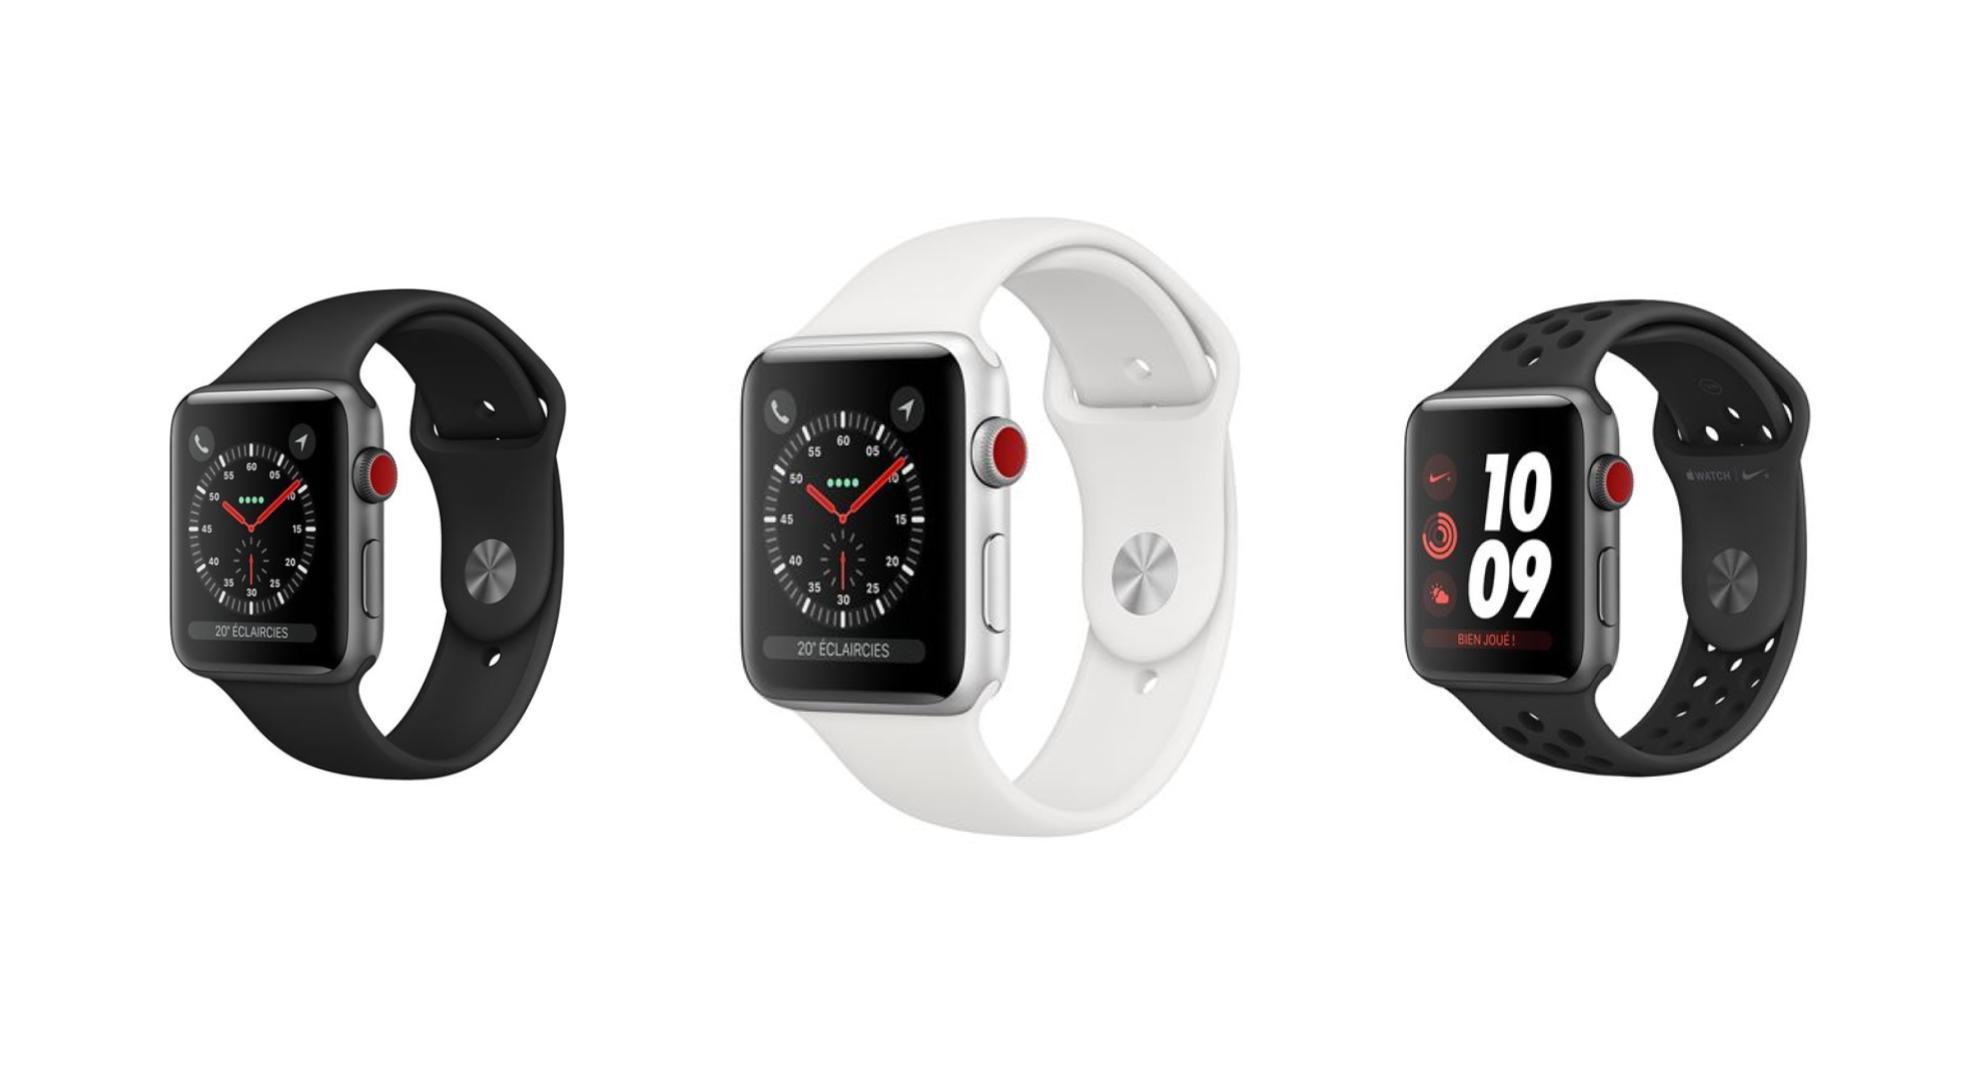 Le Deal du Jour : économisez 150 euros sur la deuxième montre connectée la plus cool (la première étant la Series 4)